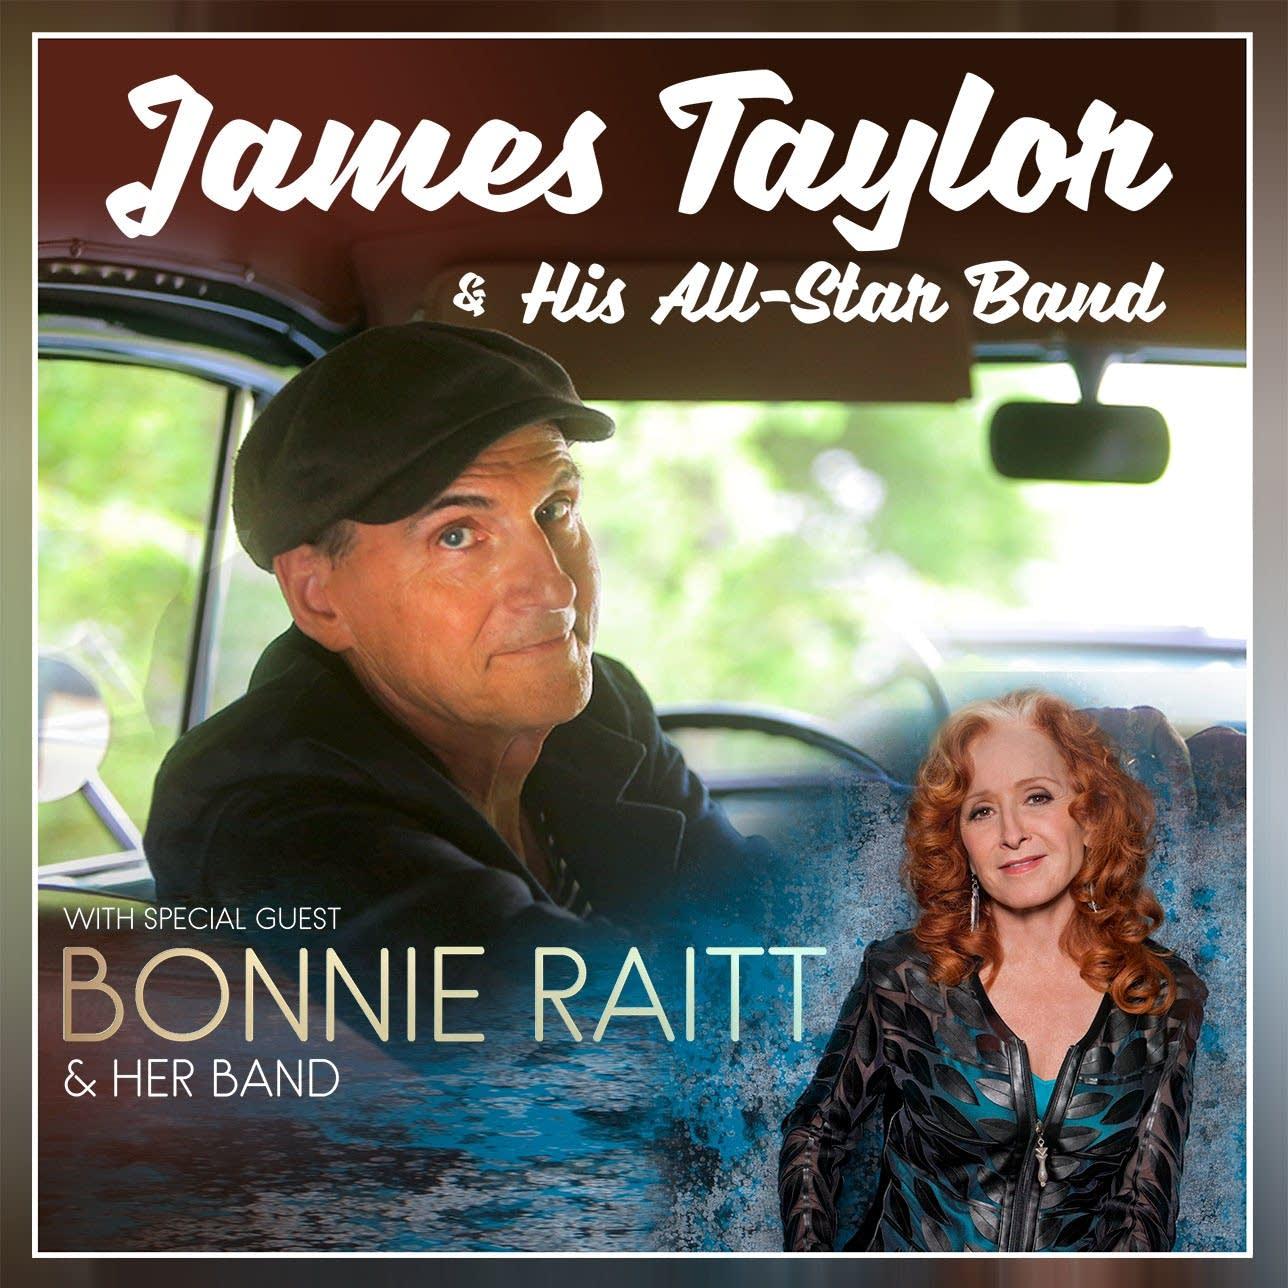 James Taylor bonnie Raitt poster